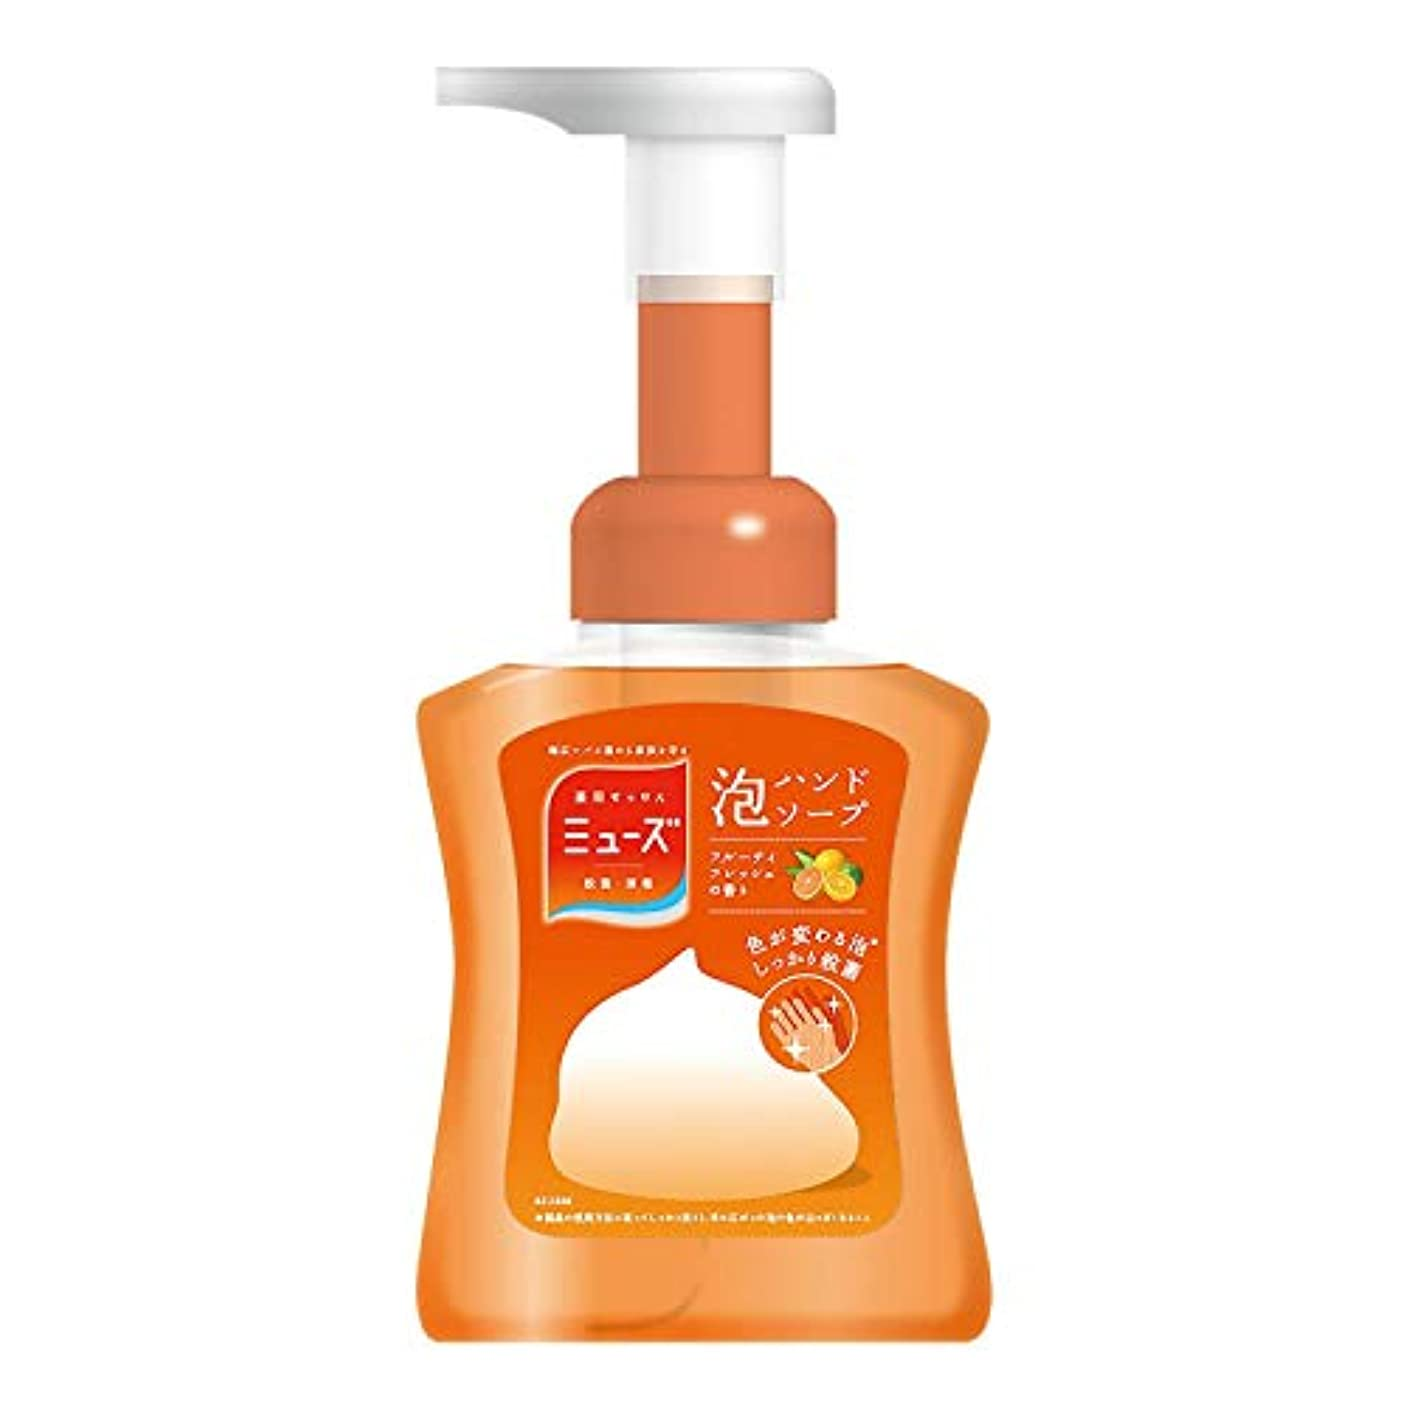 宇宙苦しむはがき【医薬部外品】ミューズ 泡 ハンドソープ フルーティフレッシュの香り 色が変わる泡 本体ボトル 250ml 殺菌 消毒 手洗い 保湿成分配合